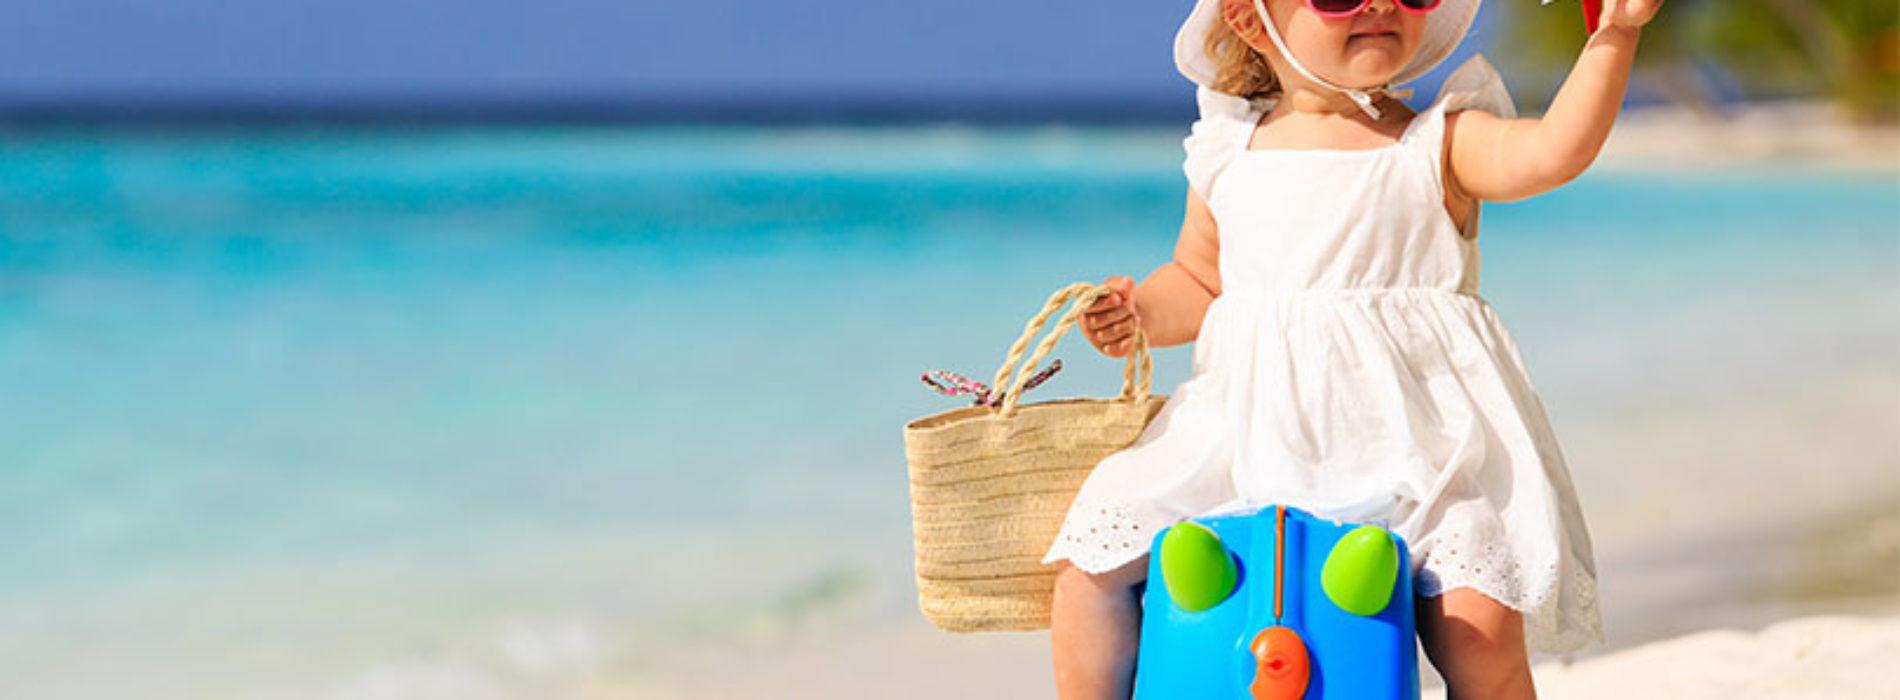 Worldwide Directory of Baby Equipment Rentals